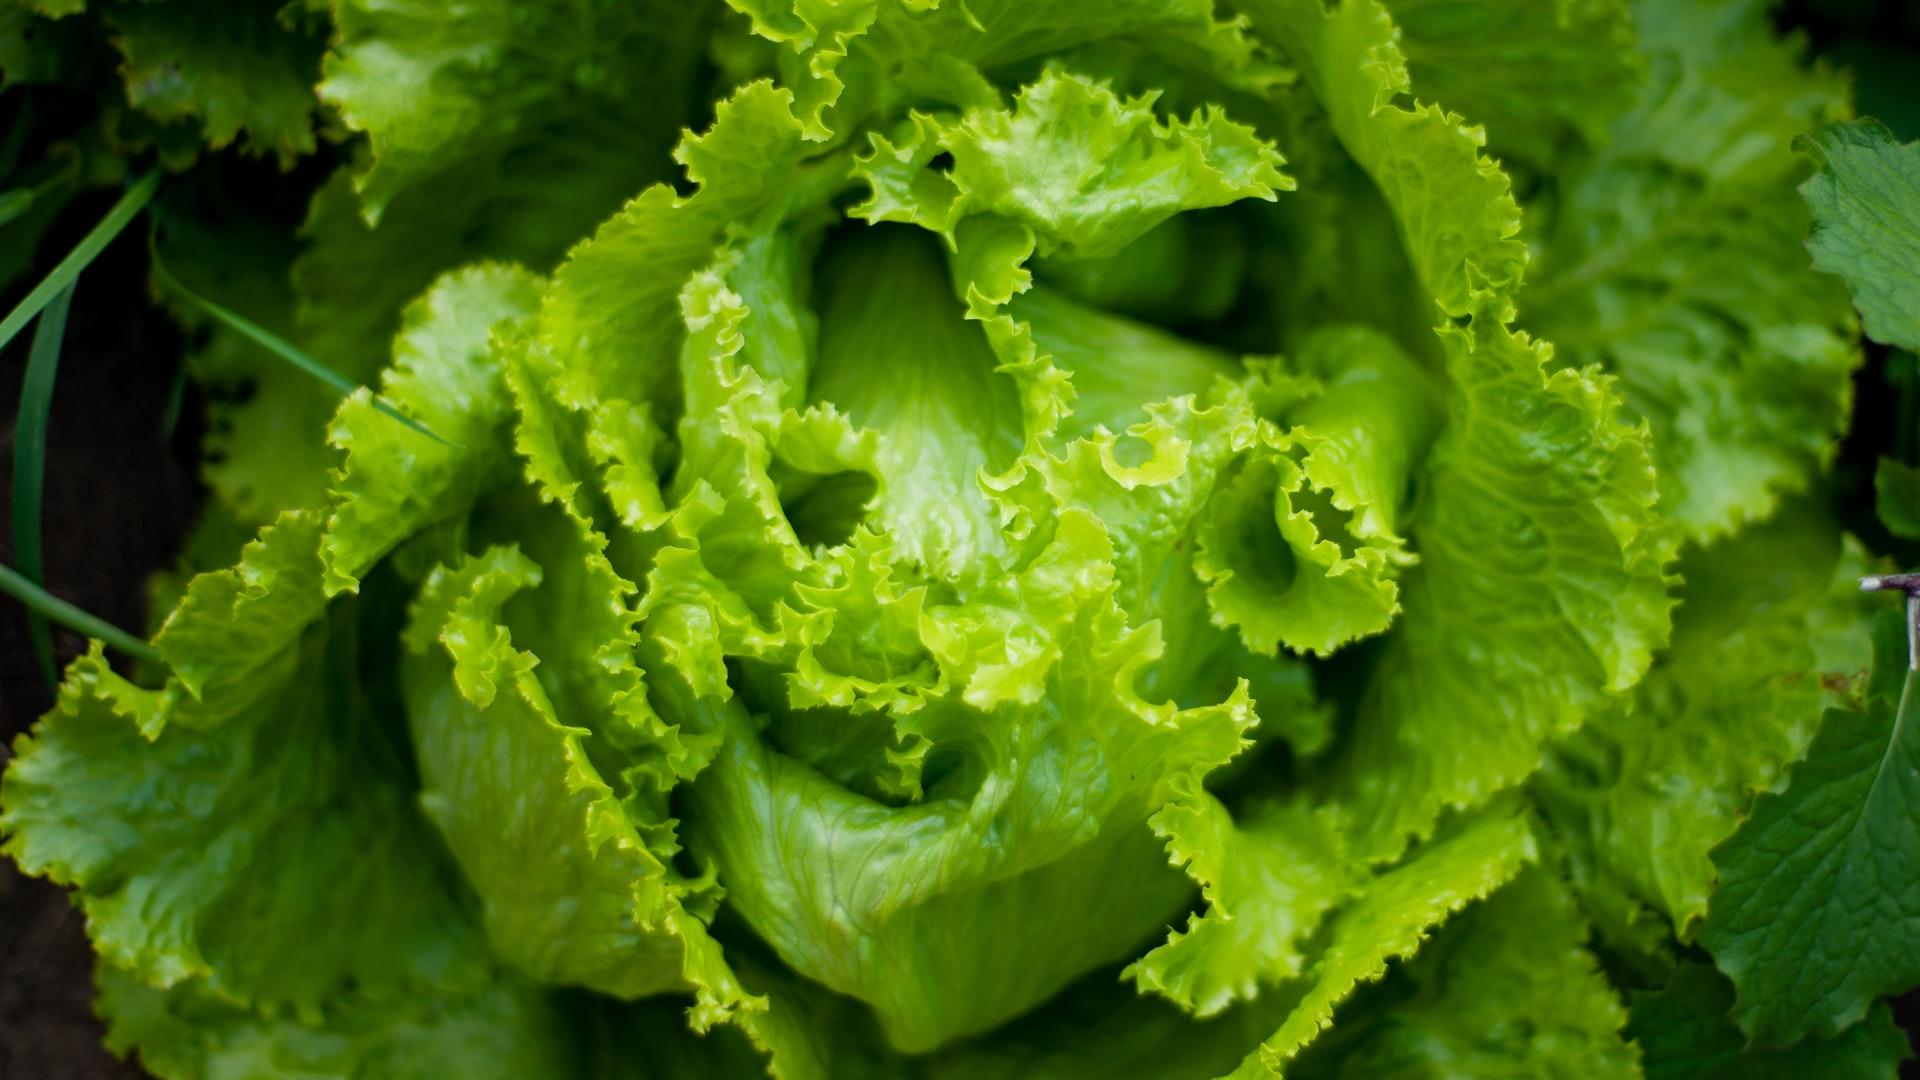 edible plants to grow